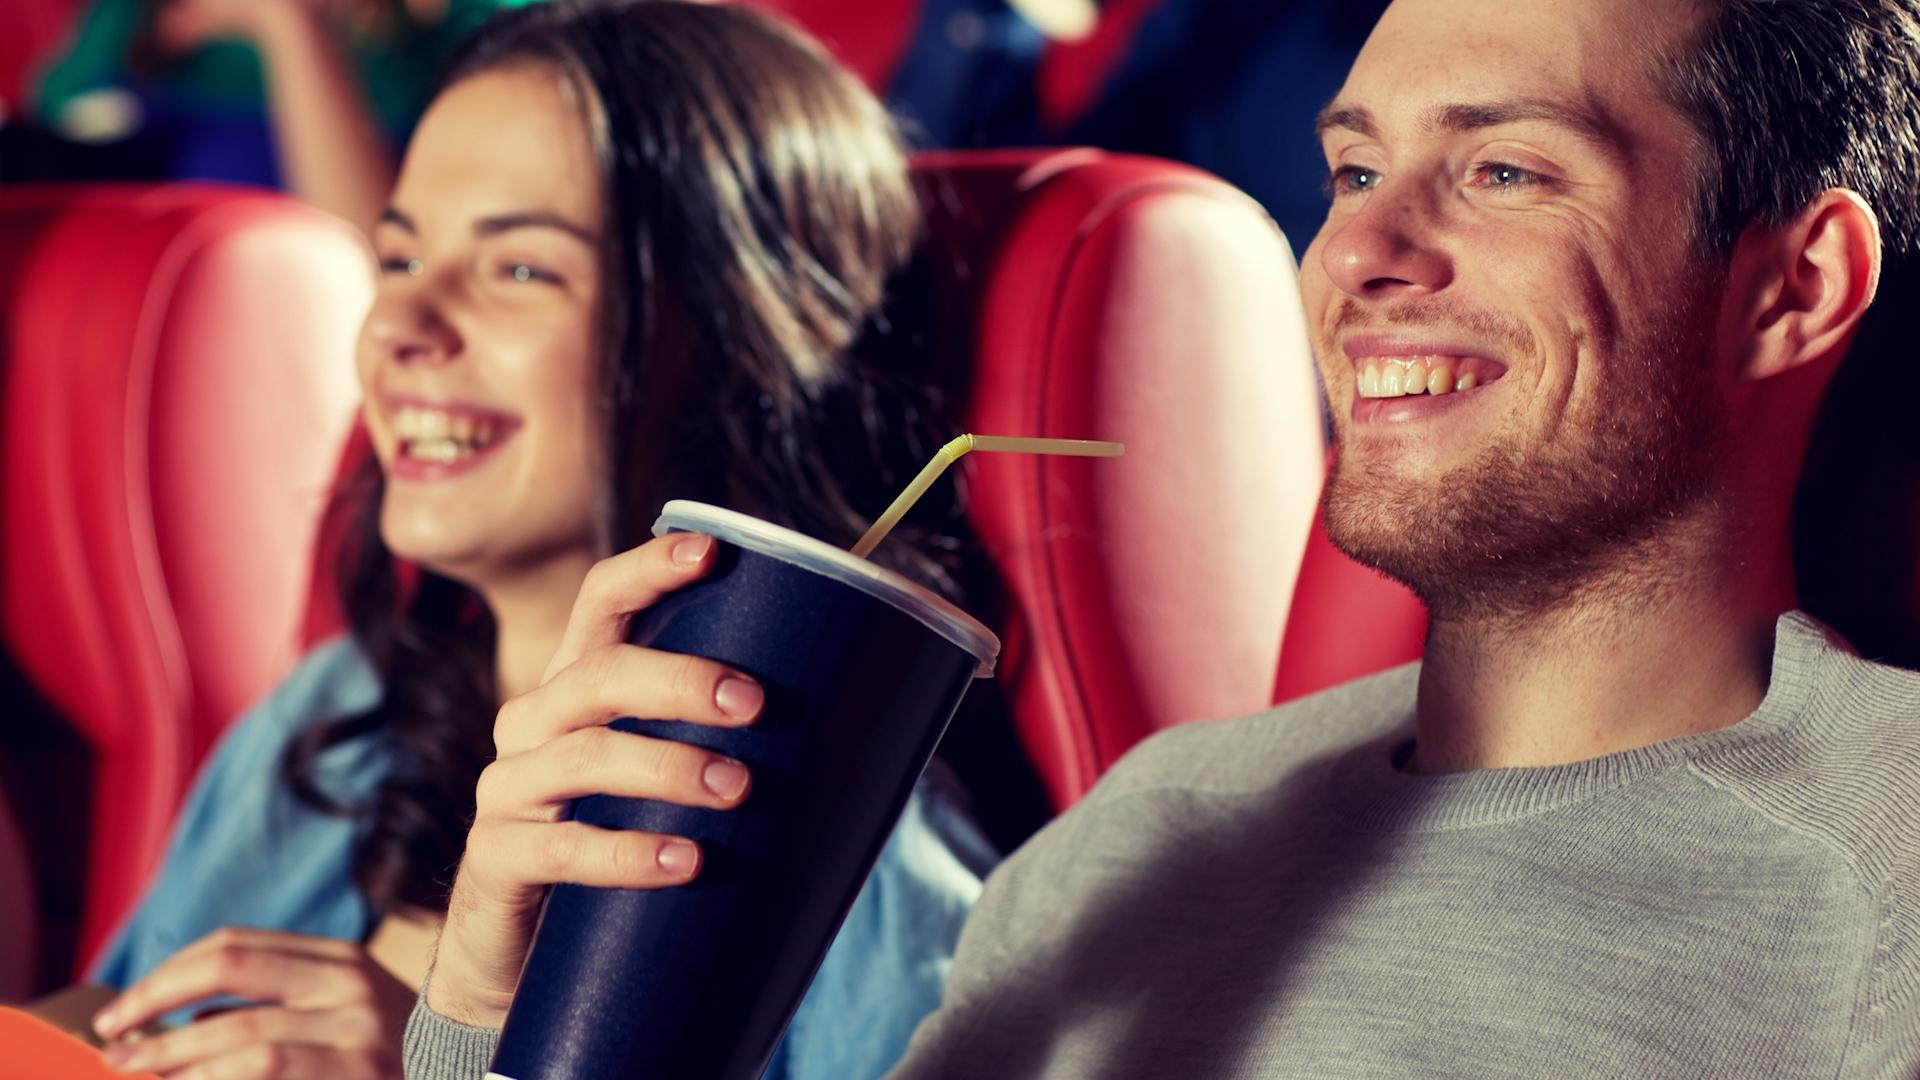 Nigdy nie kupuj napoju w kinie